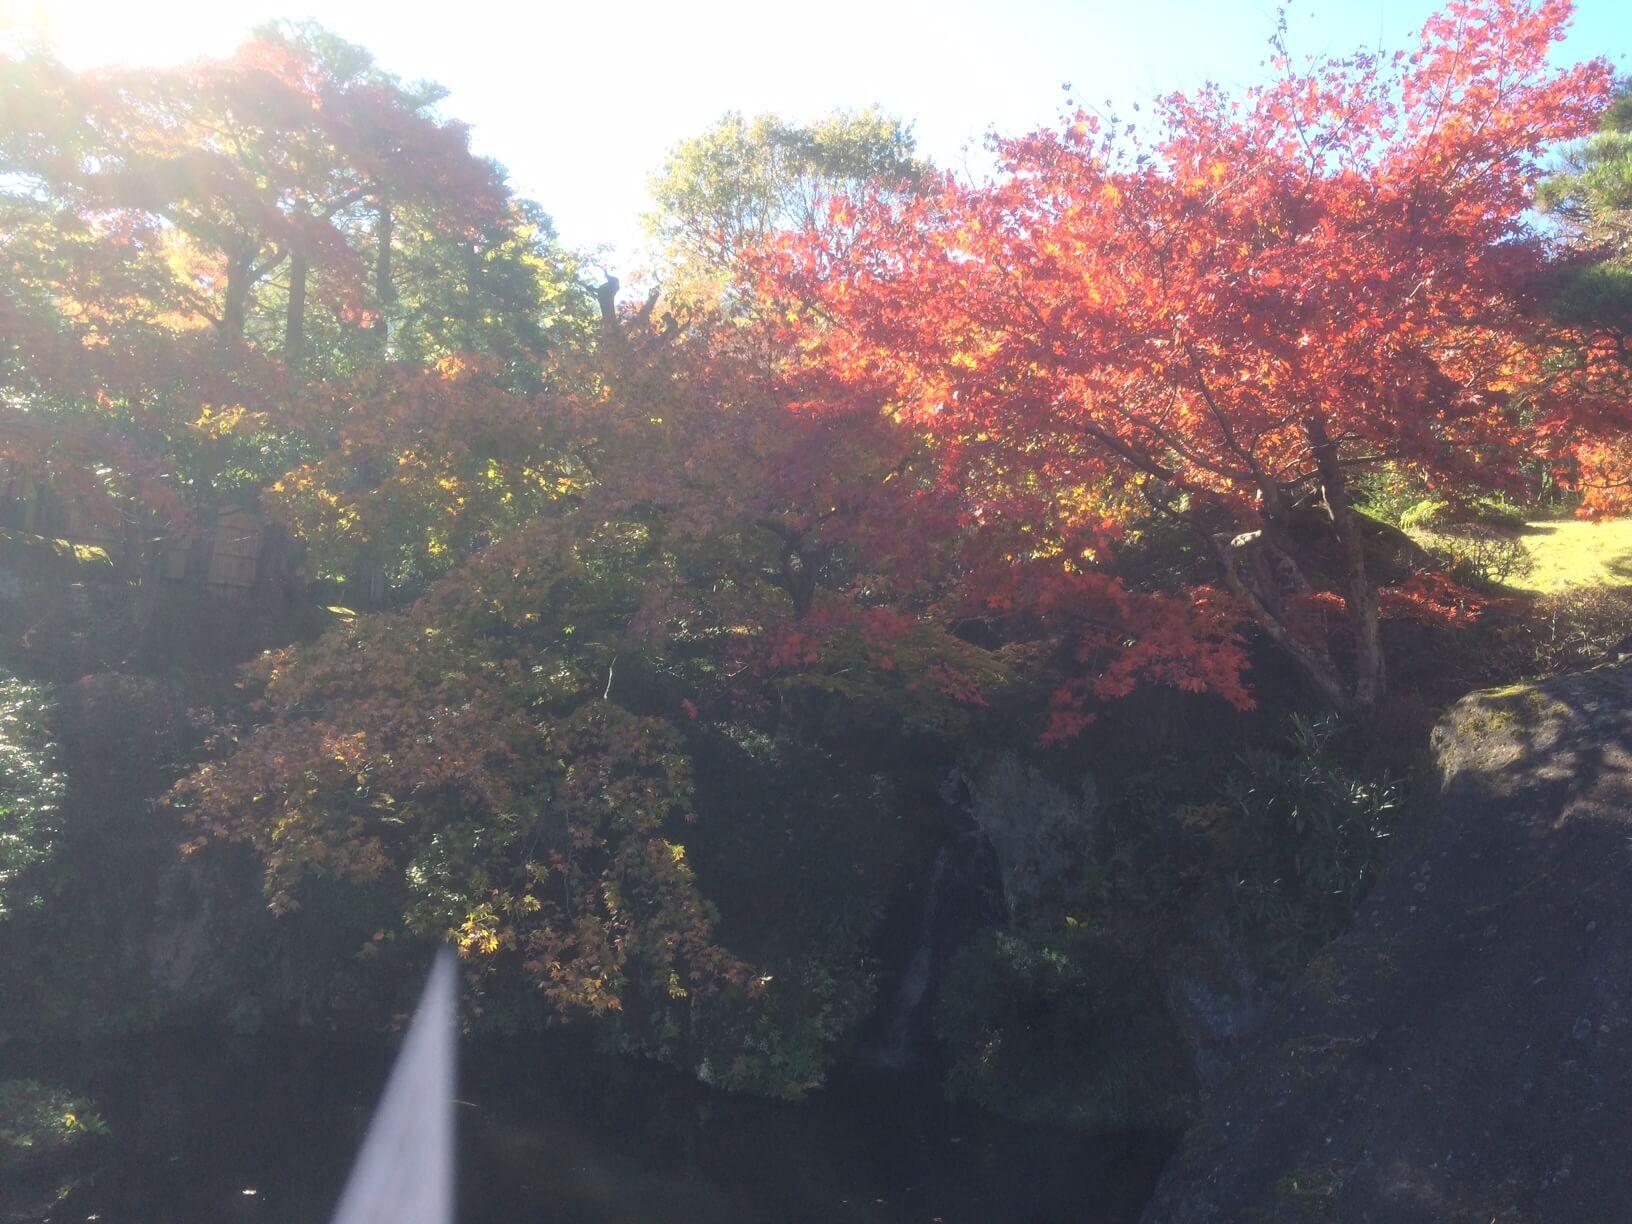 箱根美術館の滝と紅葉